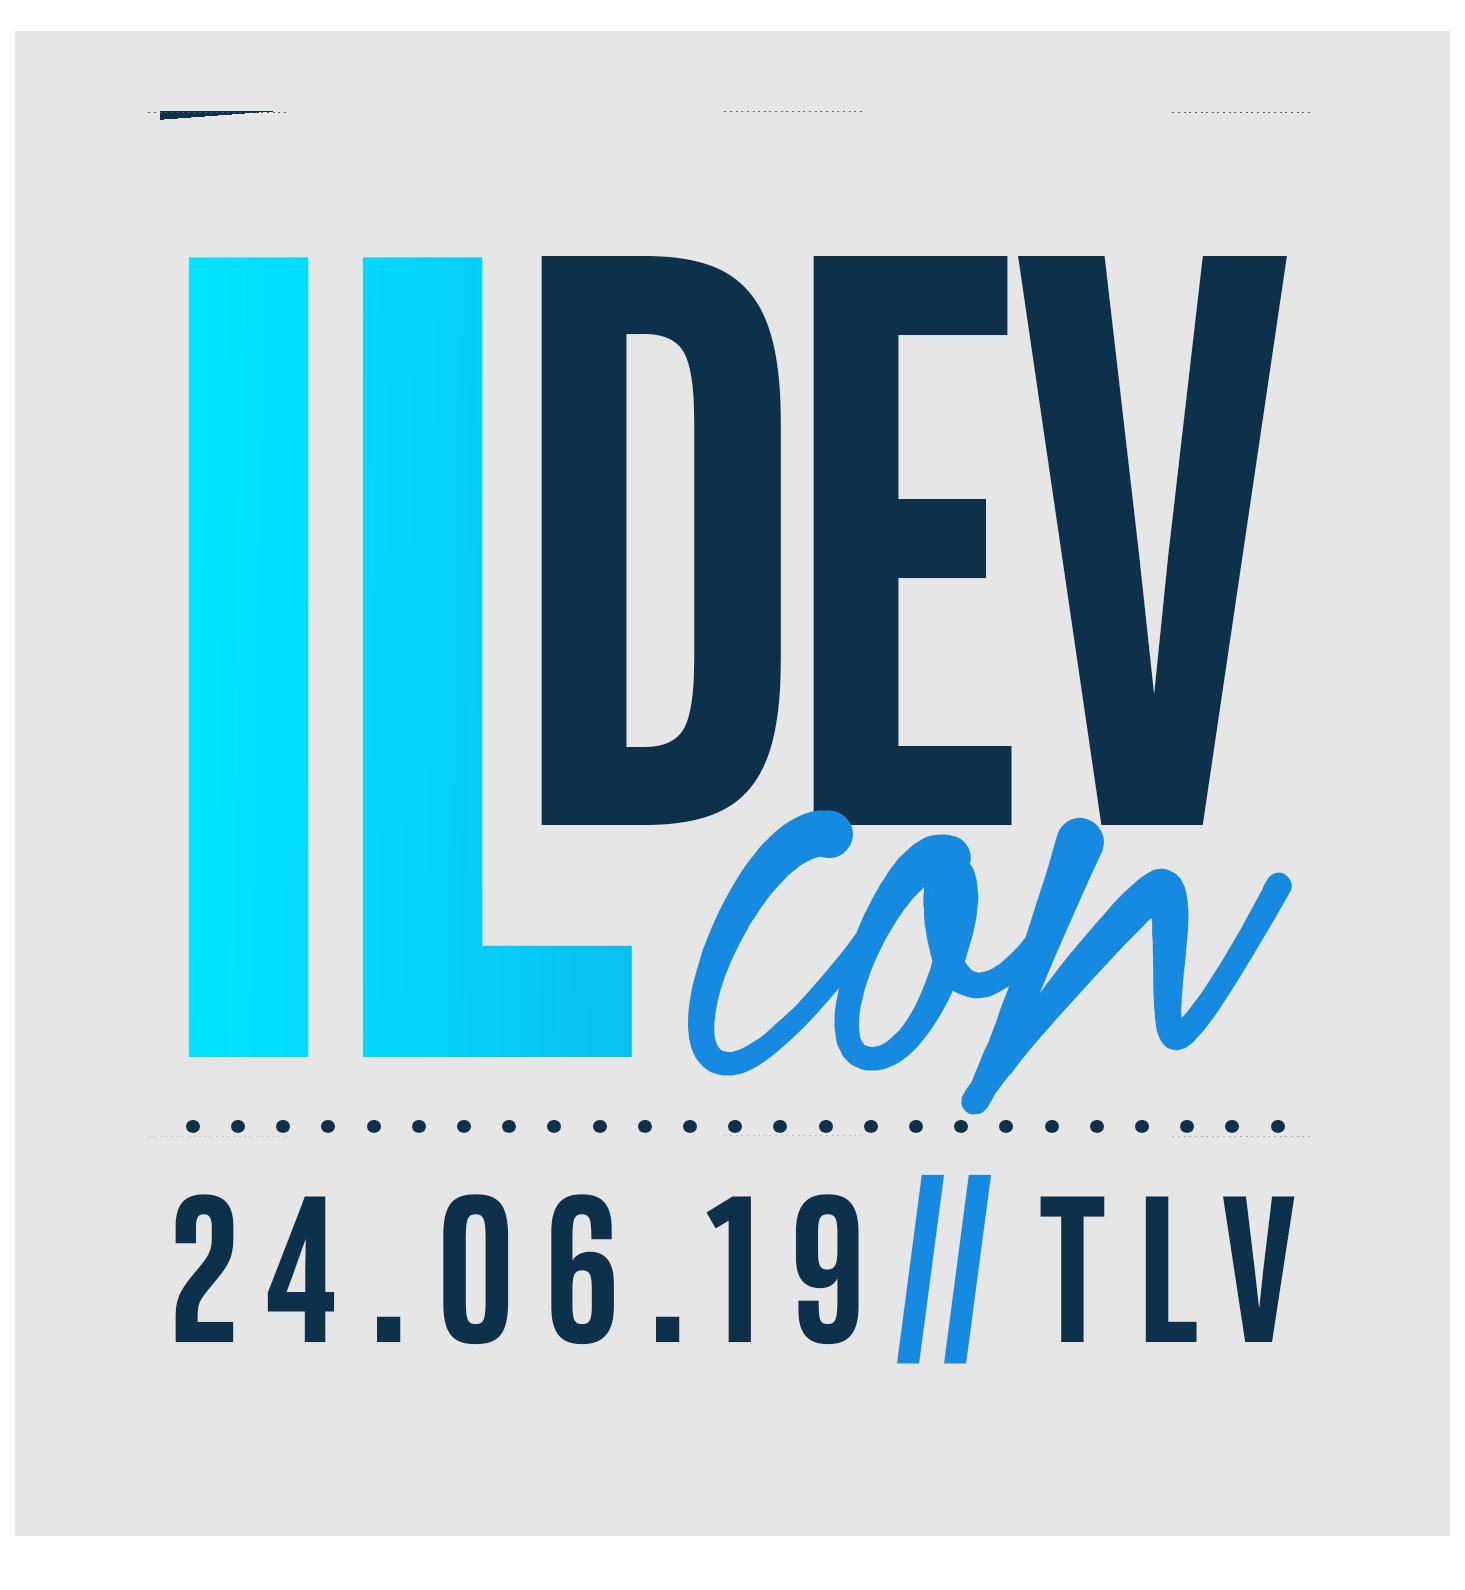 ILDevCon 2019